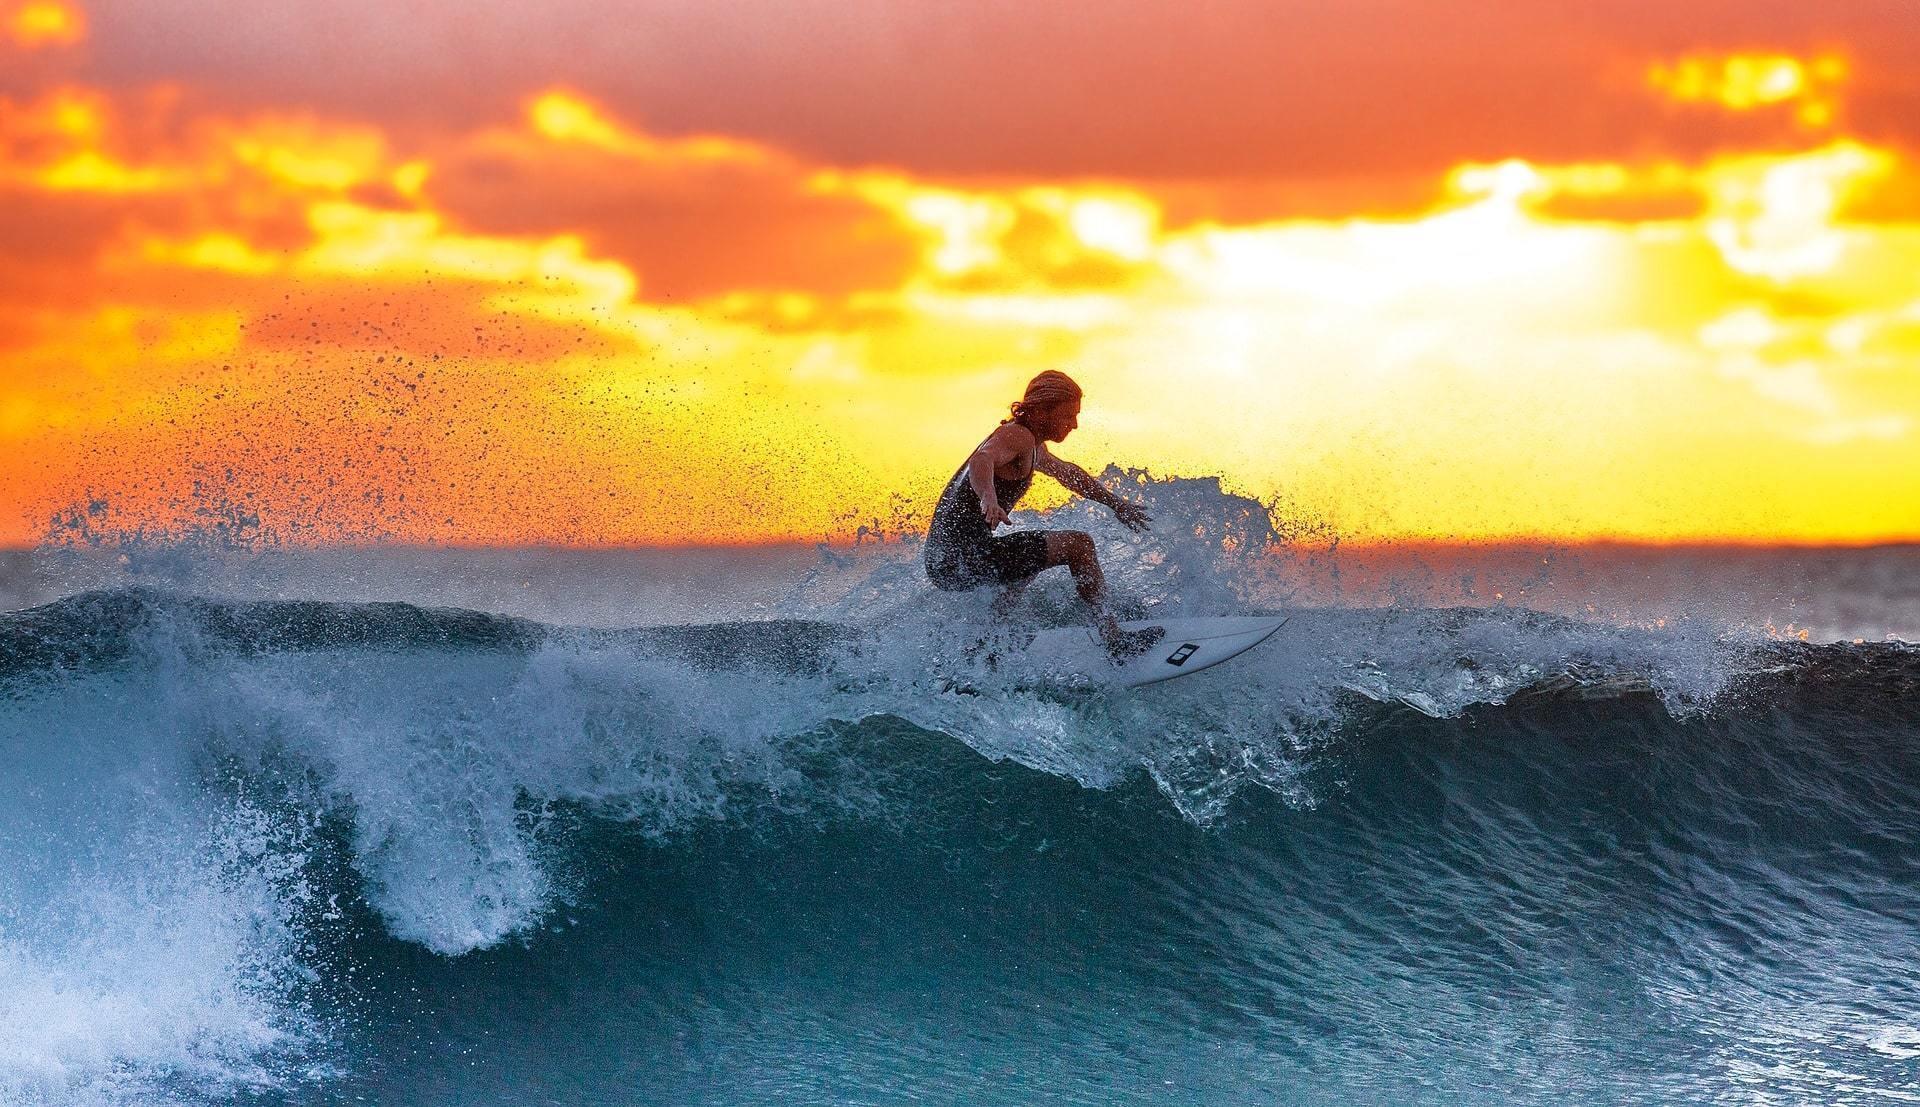 indonesien_surfer